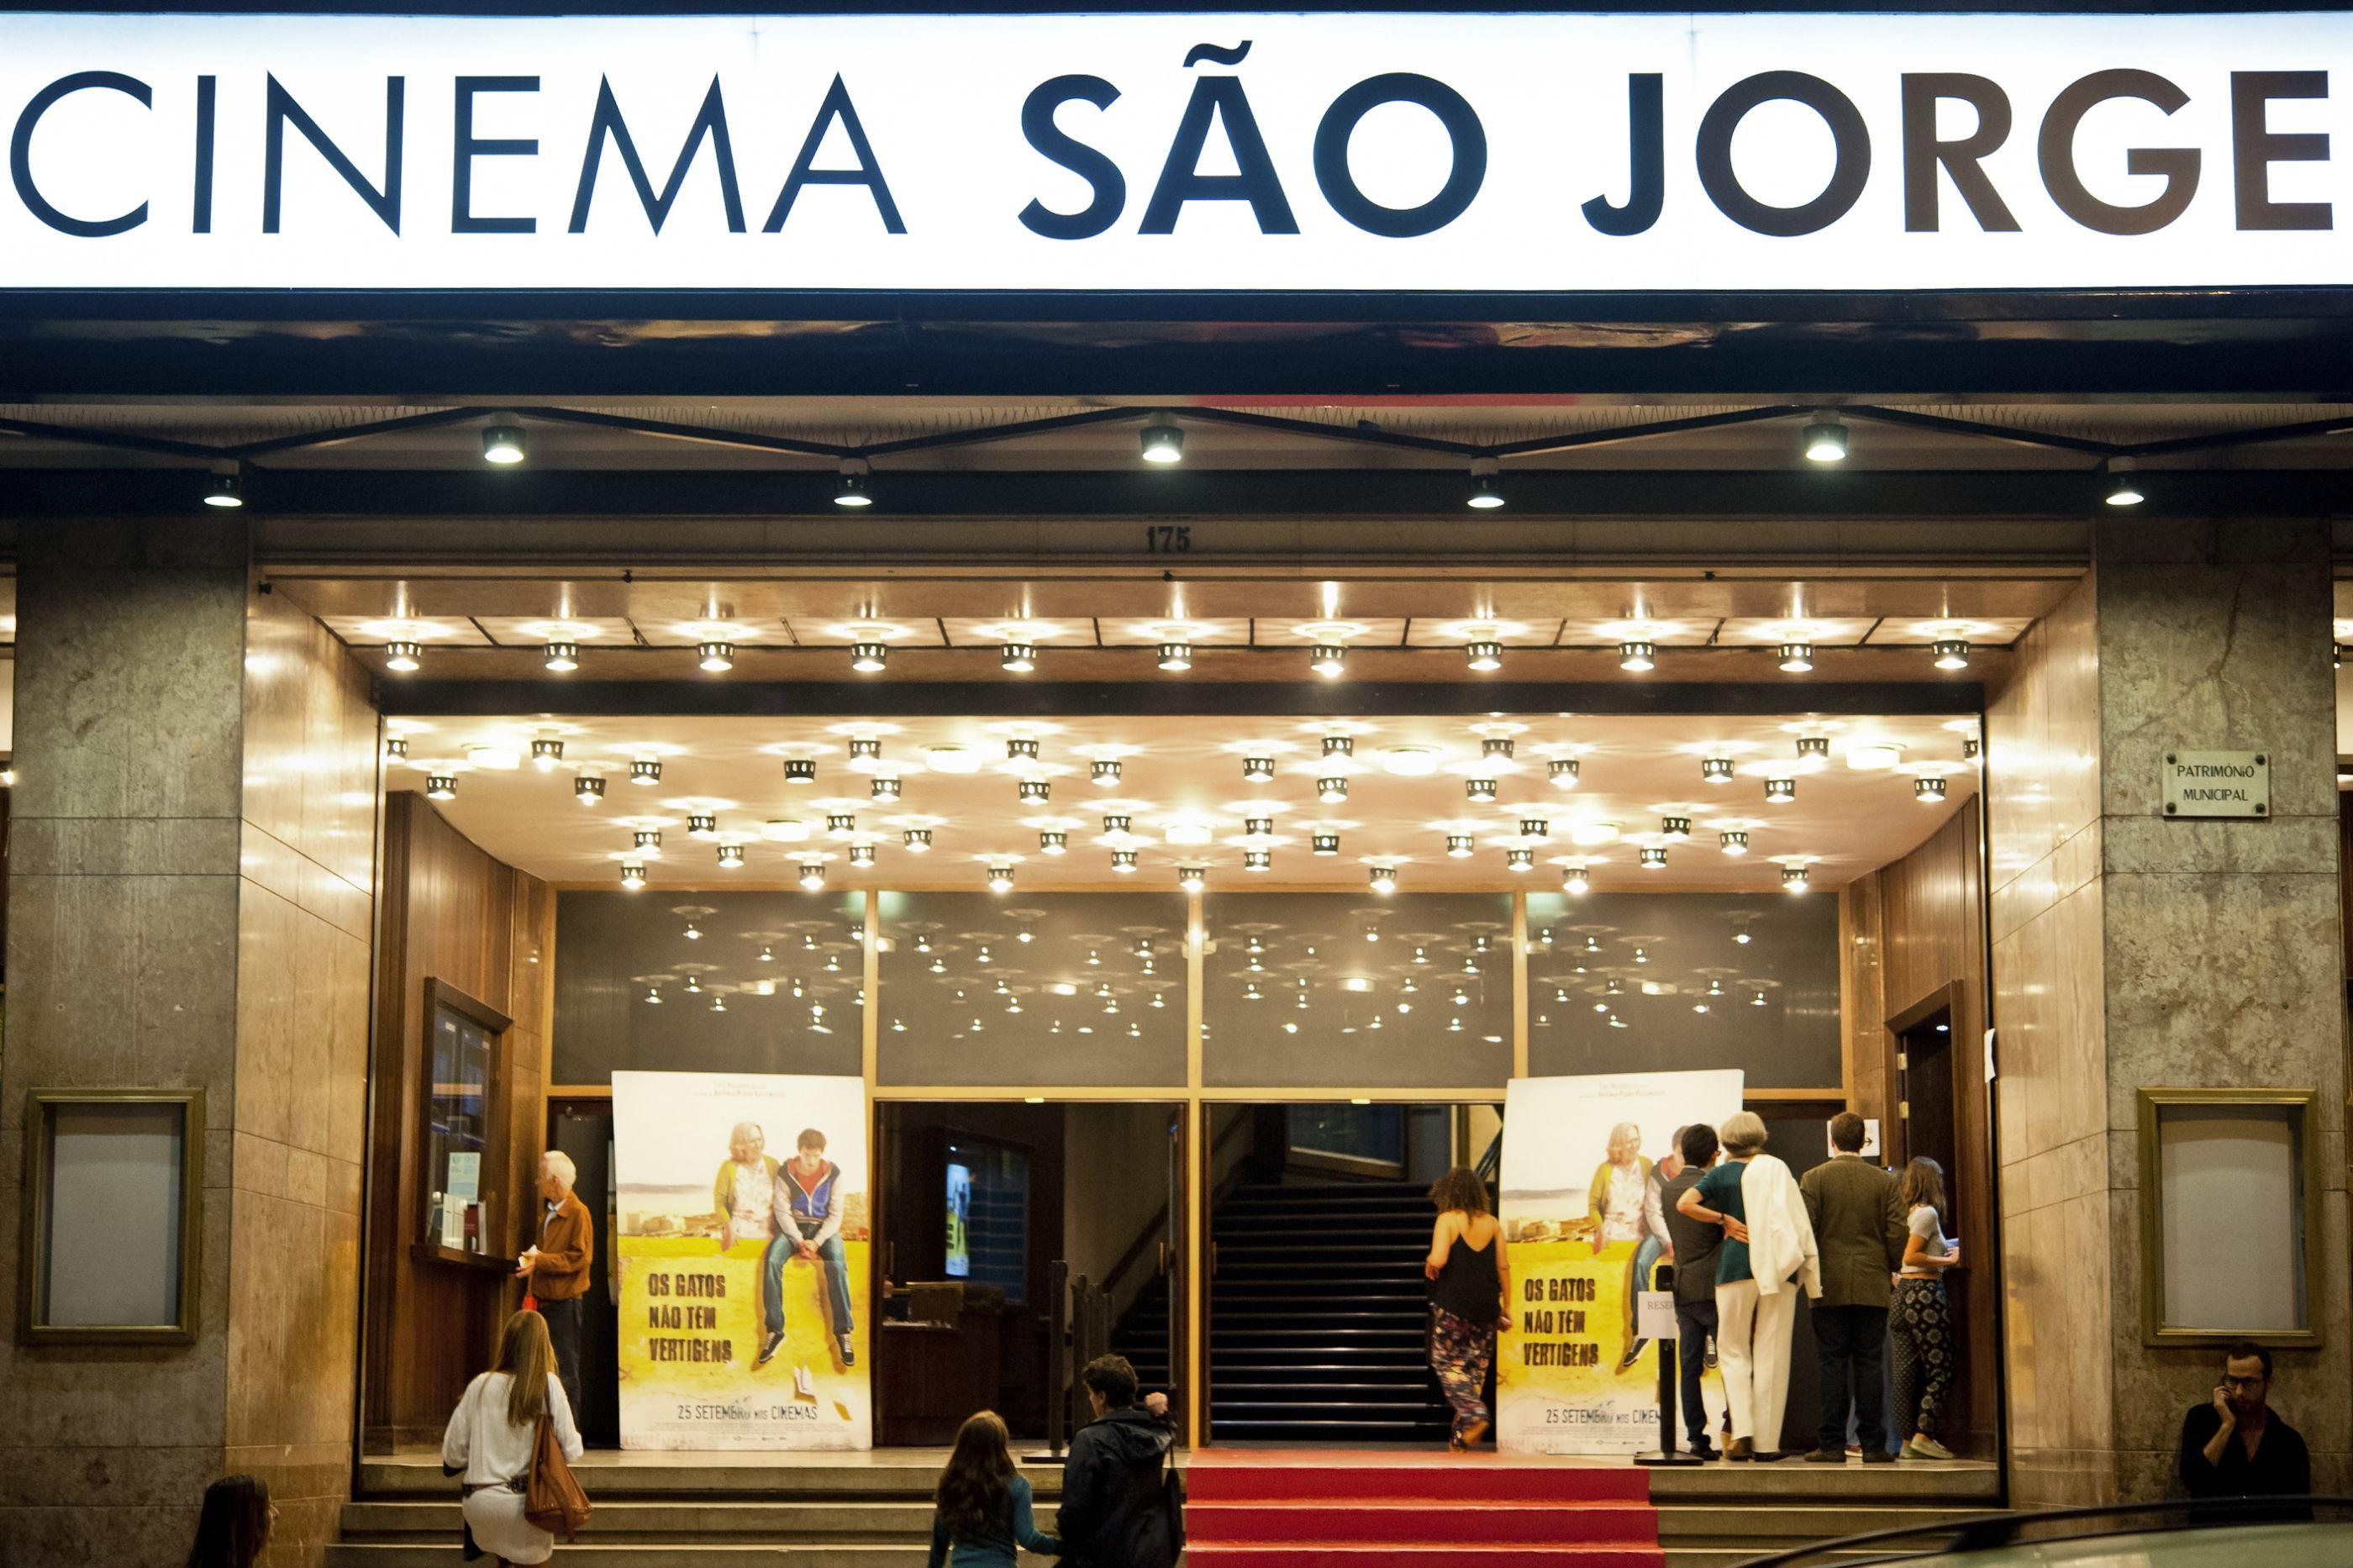 Teatro do Vestido conta repôr peça 'Elas estiveram lá' no Cinema S. Jorge